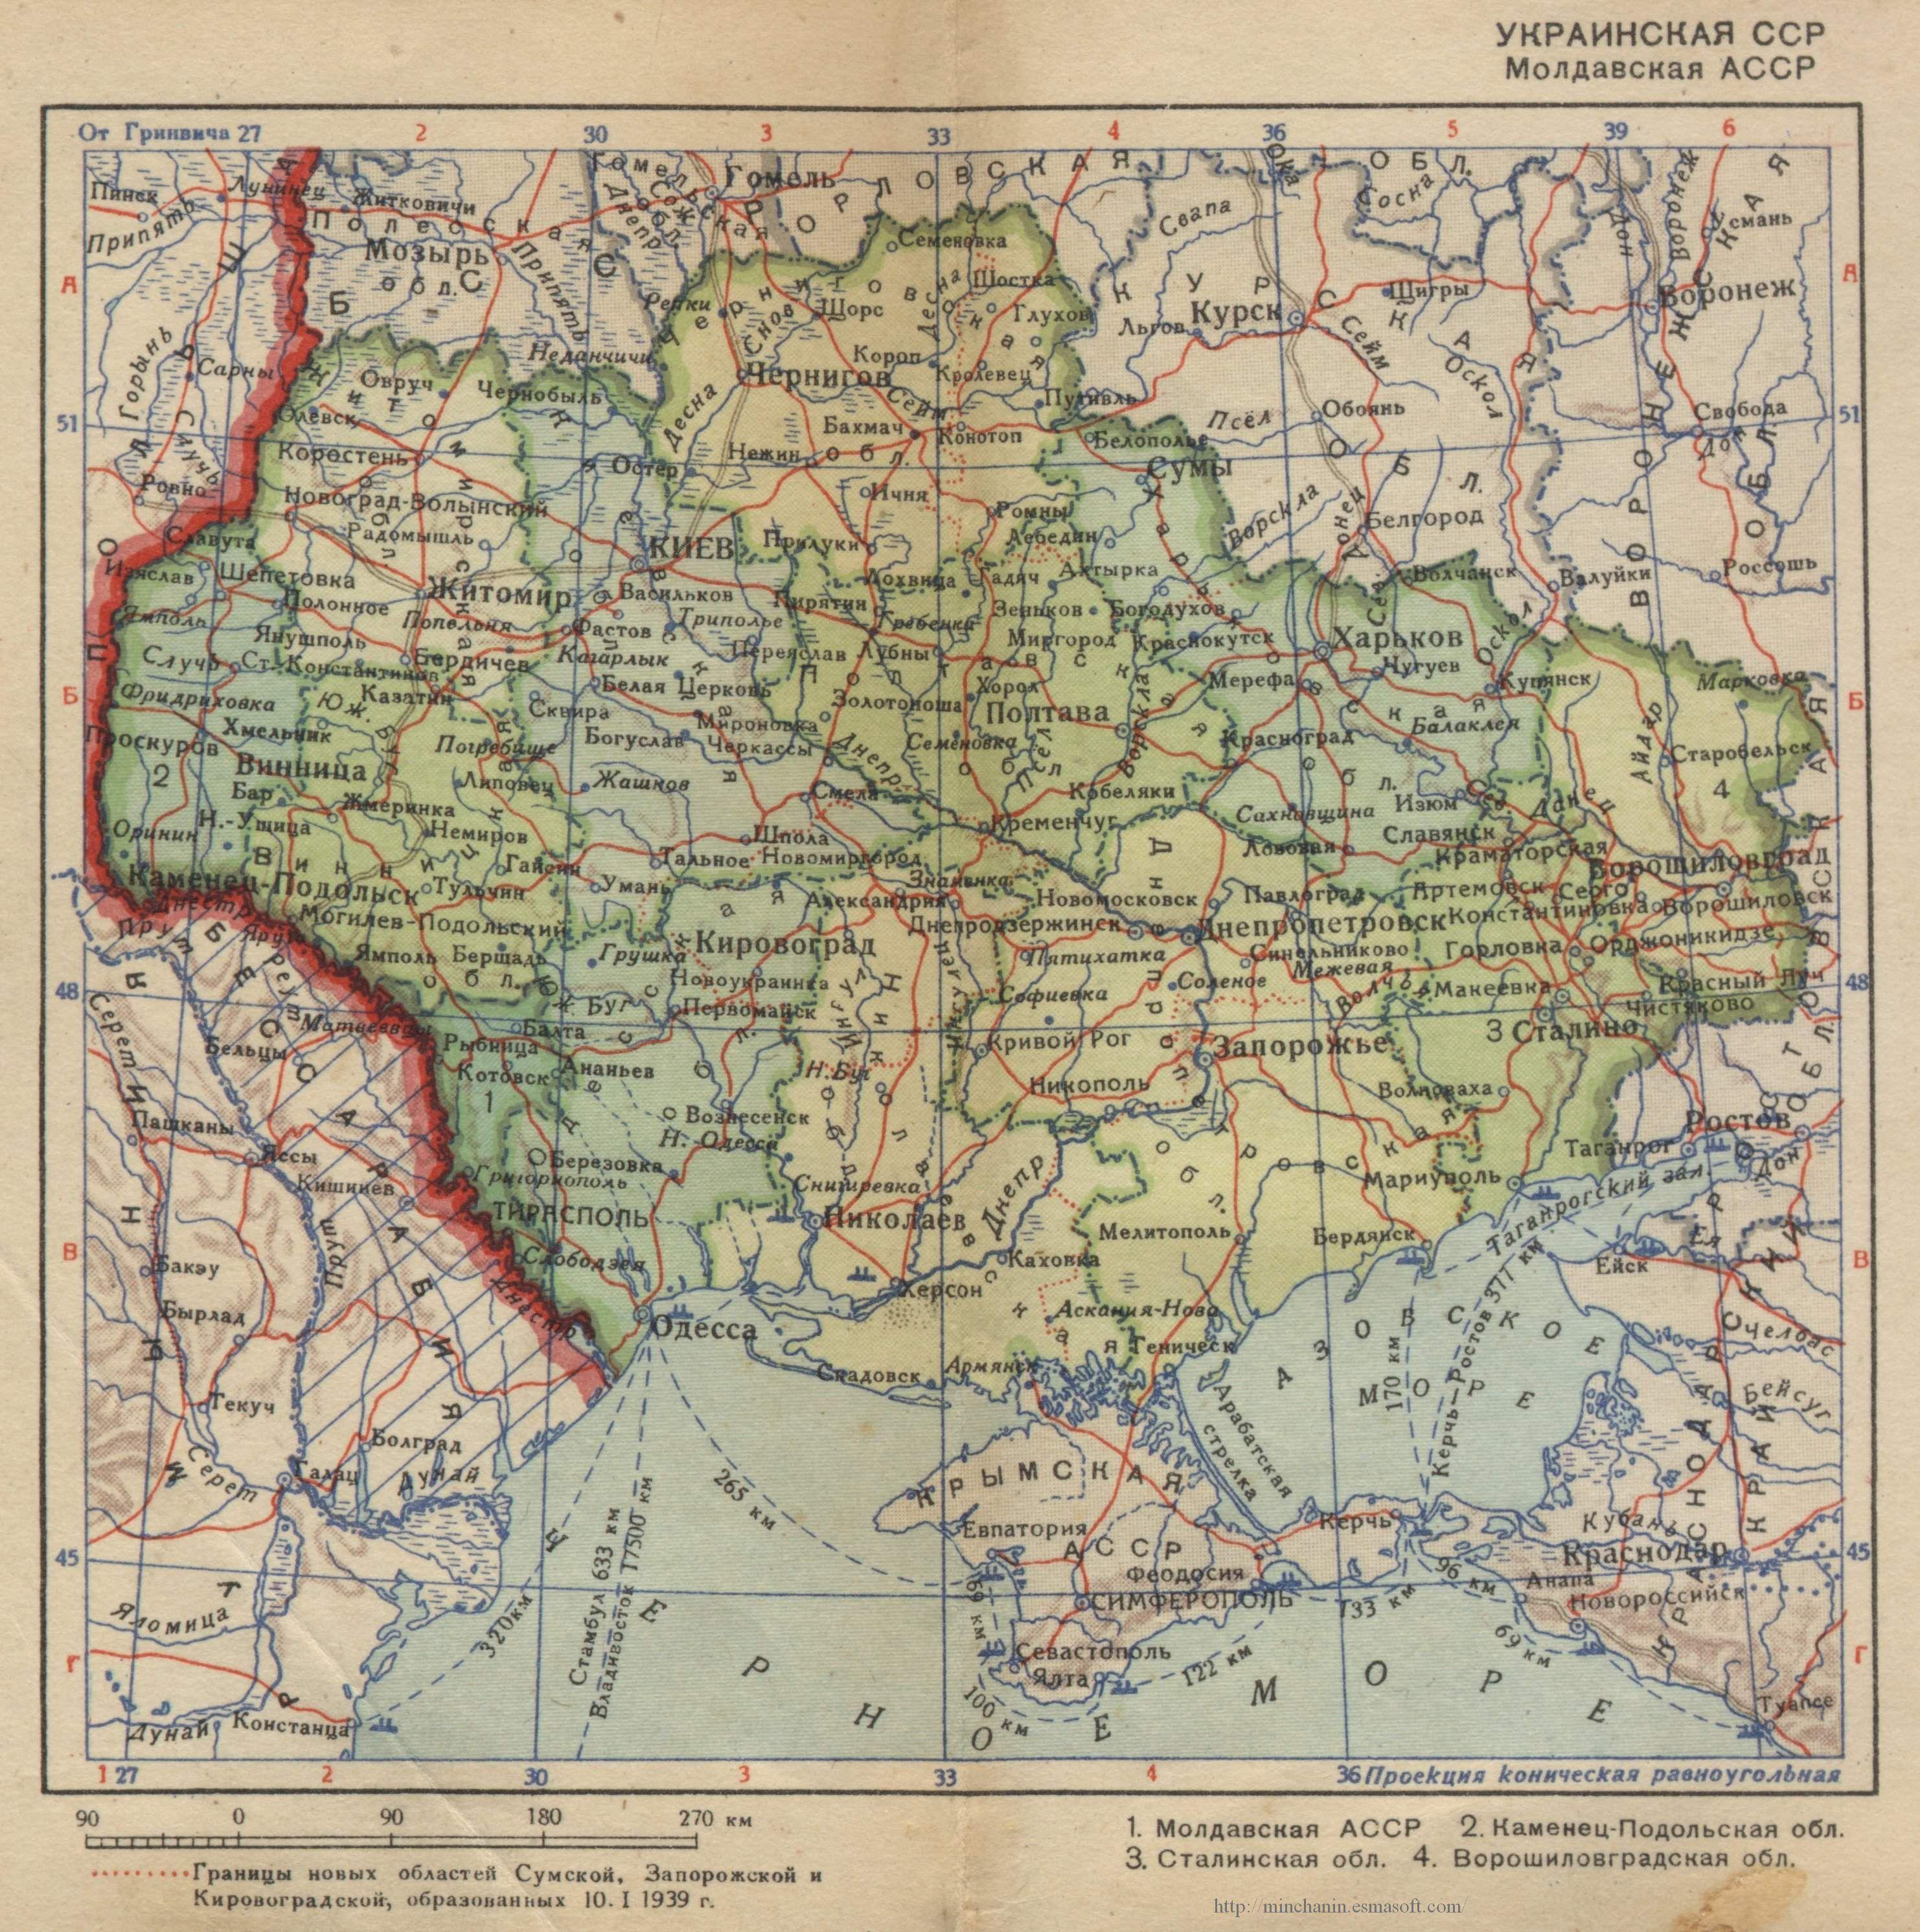 Karta Ukrainskoj Ssr 1939 Goda V Sostav Kotoroj Vhodit Moldavskaya